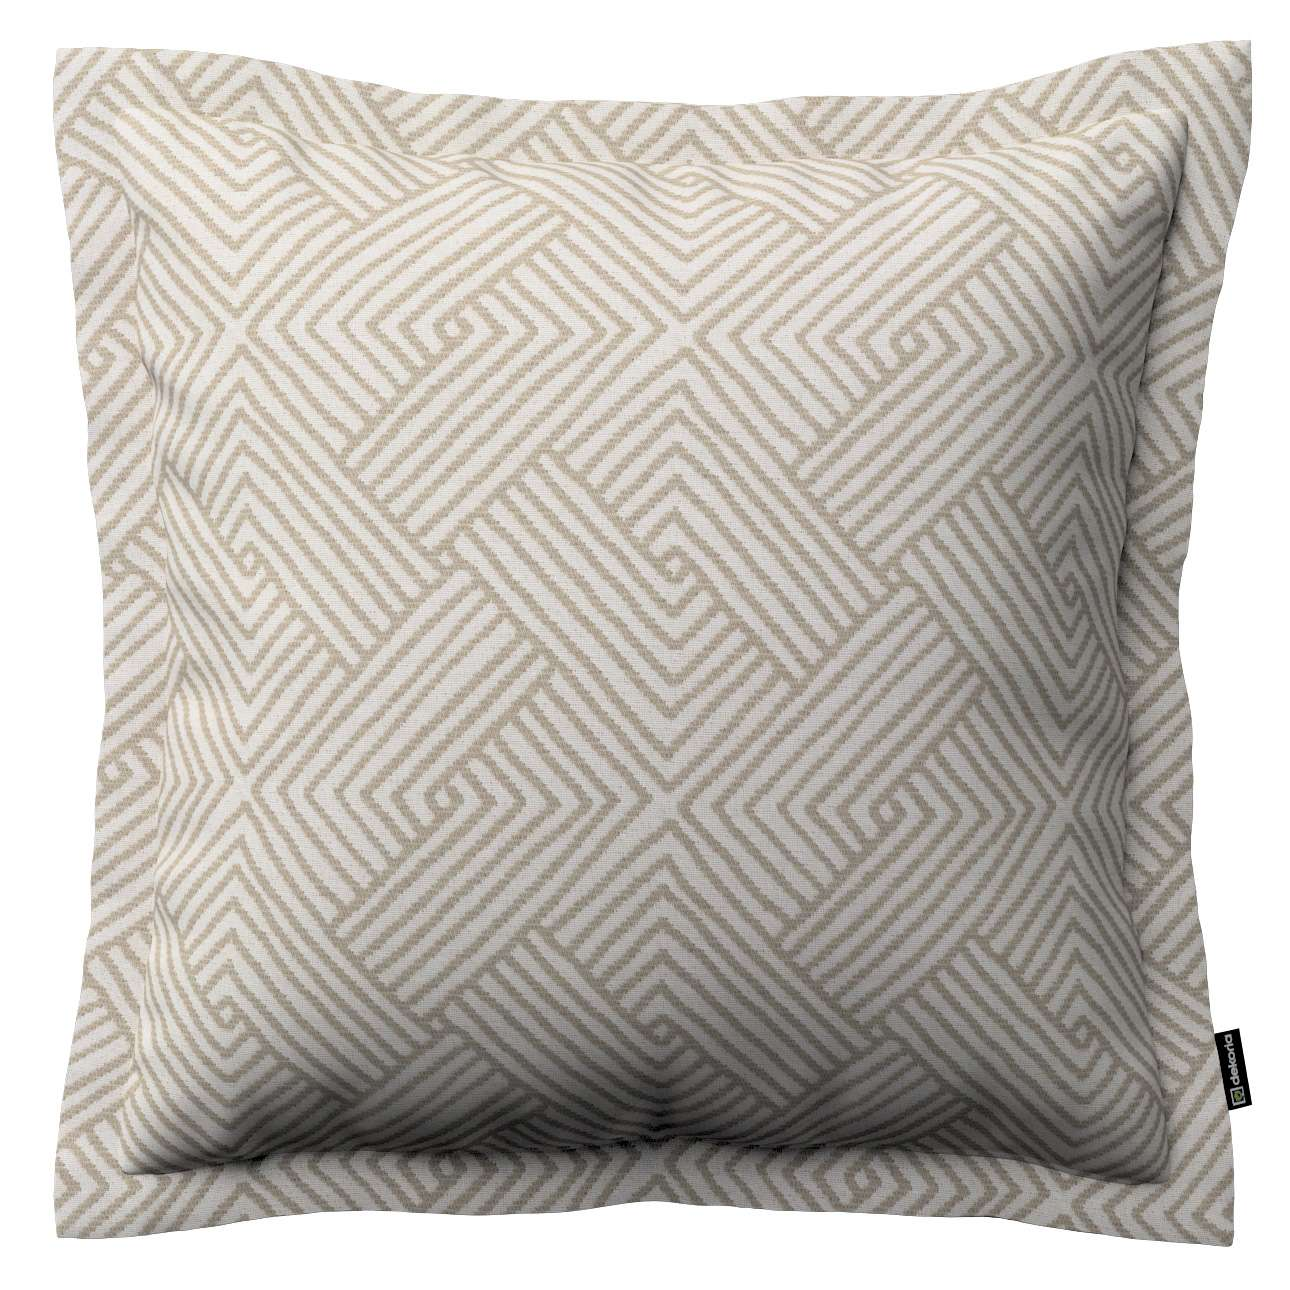 Poszewka Mona na poduszkę w kolekcji Sunny, tkanina: 143-44